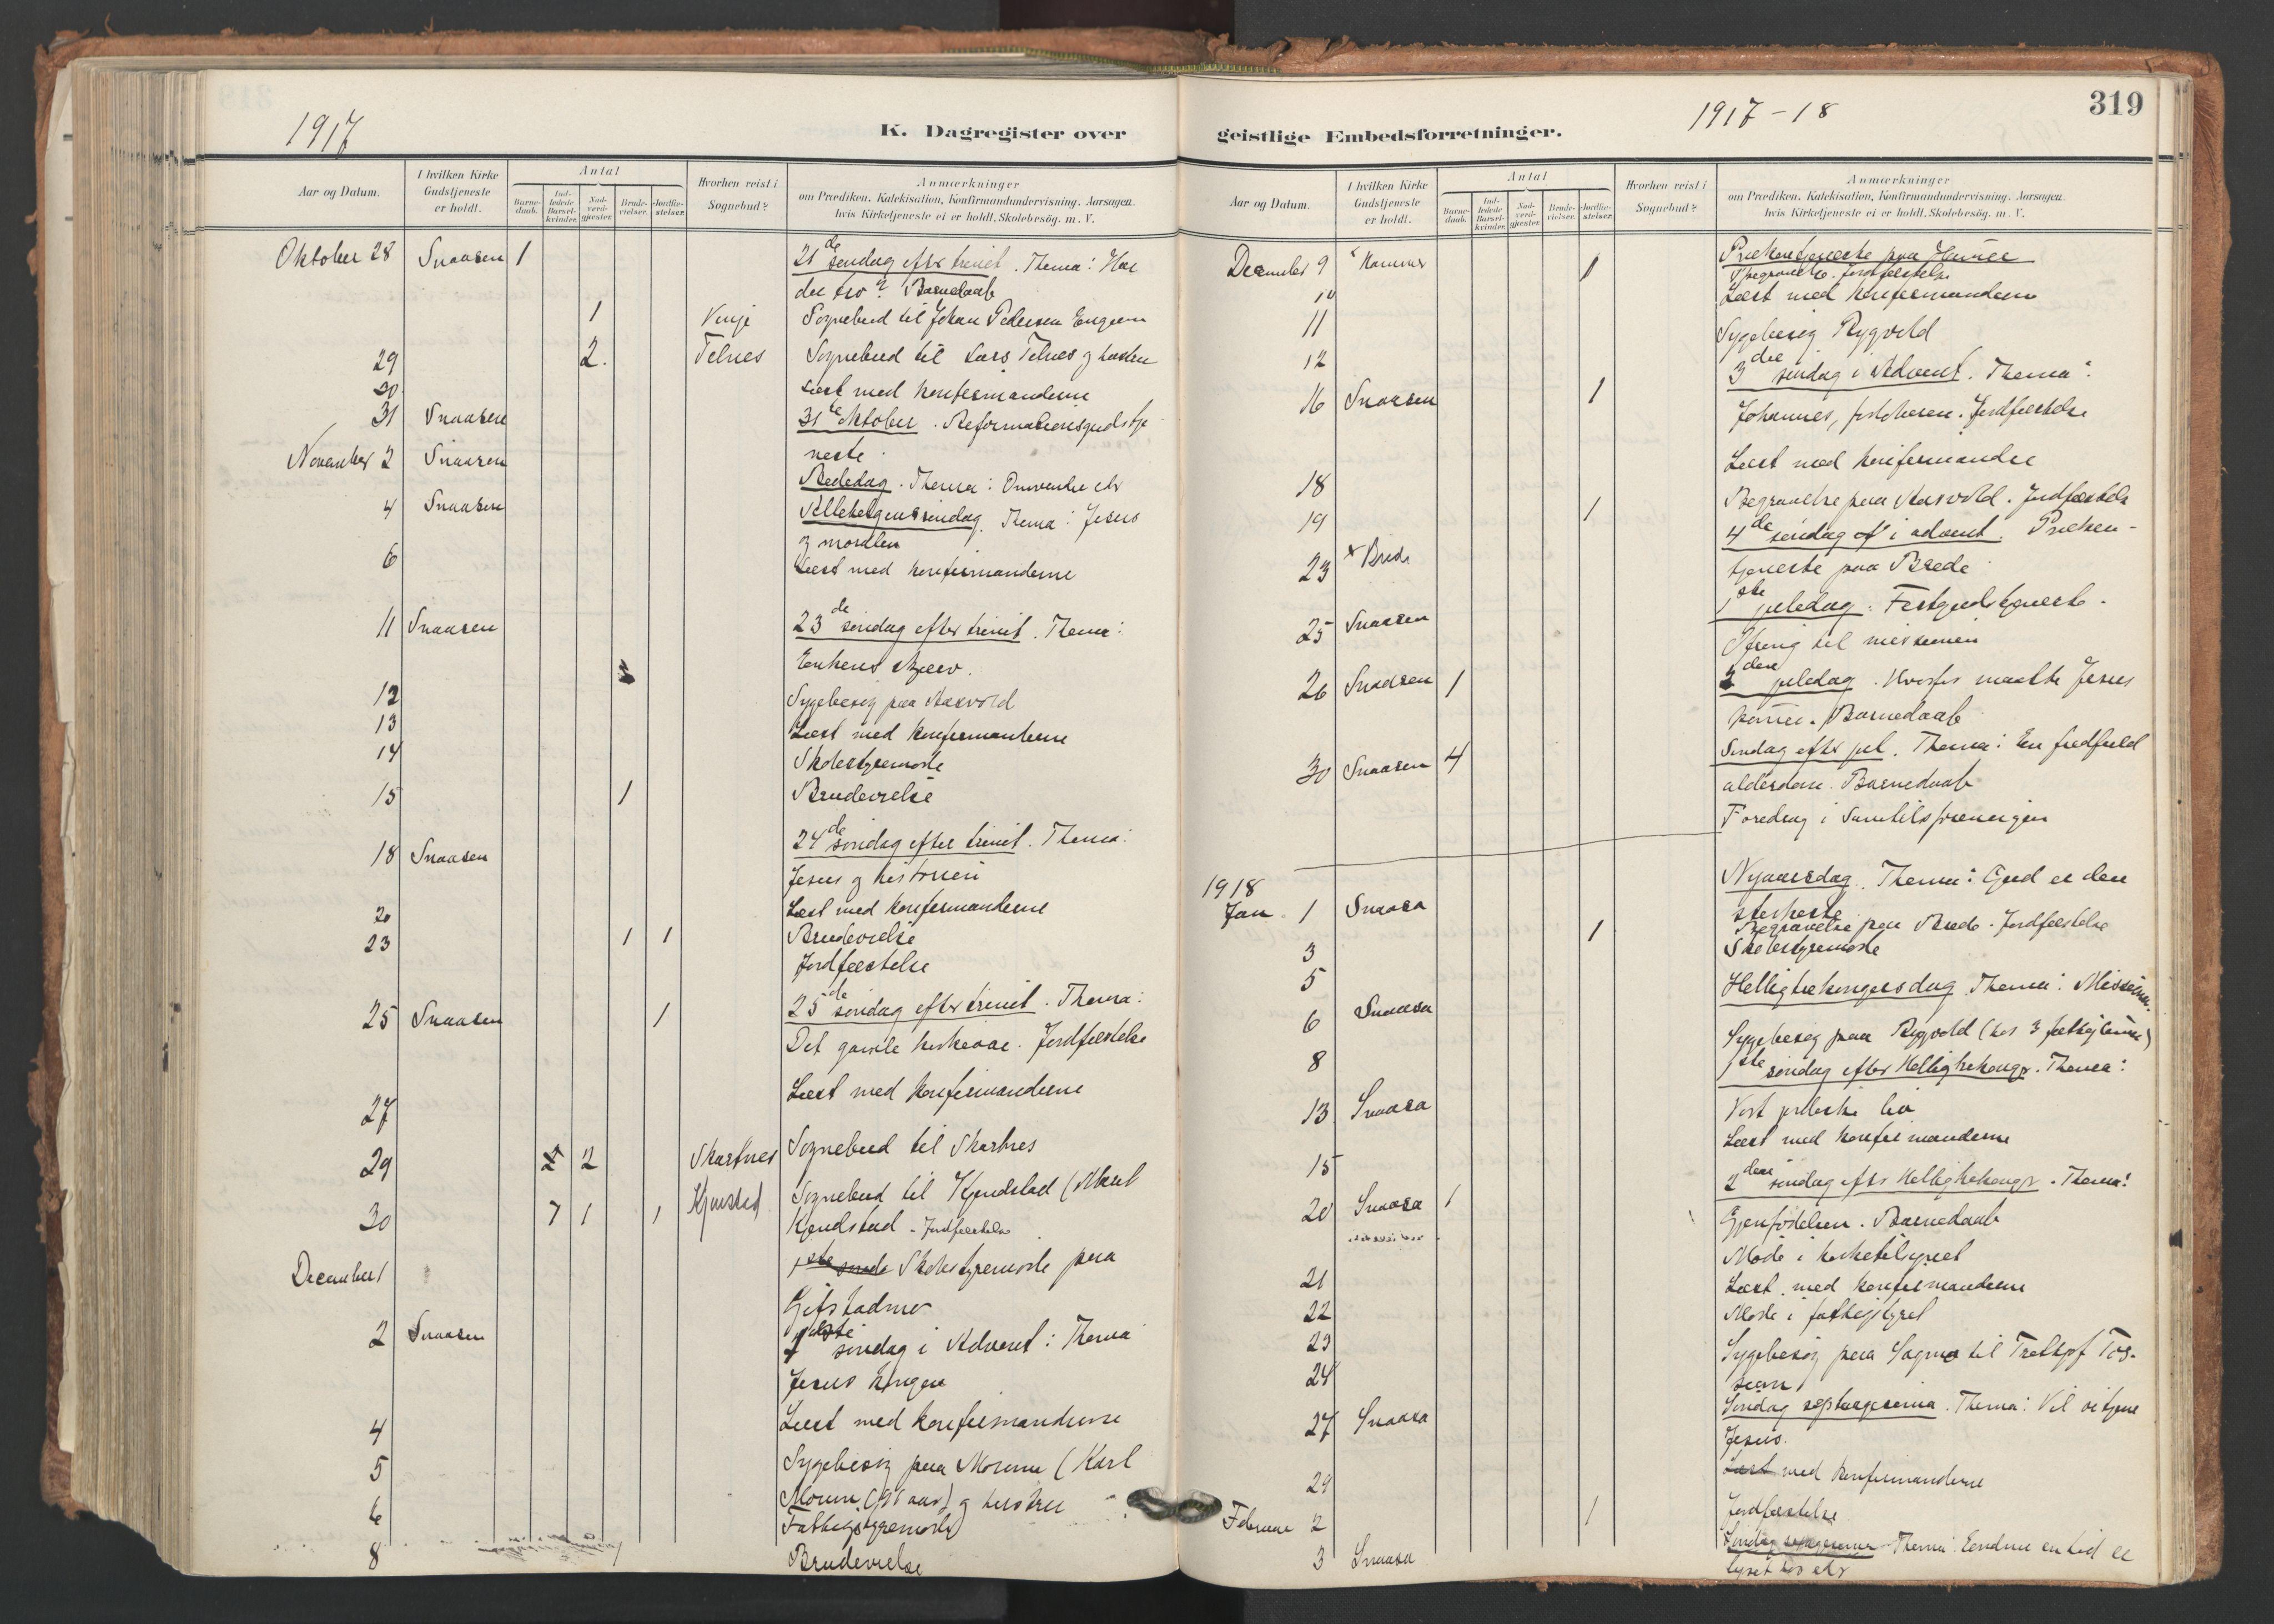 SAT, Ministerialprotokoller, klokkerbøker og fødselsregistre - Nord-Trøndelag, 749/L0477: Ministerialbok nr. 749A11, 1902-1927, s. 319